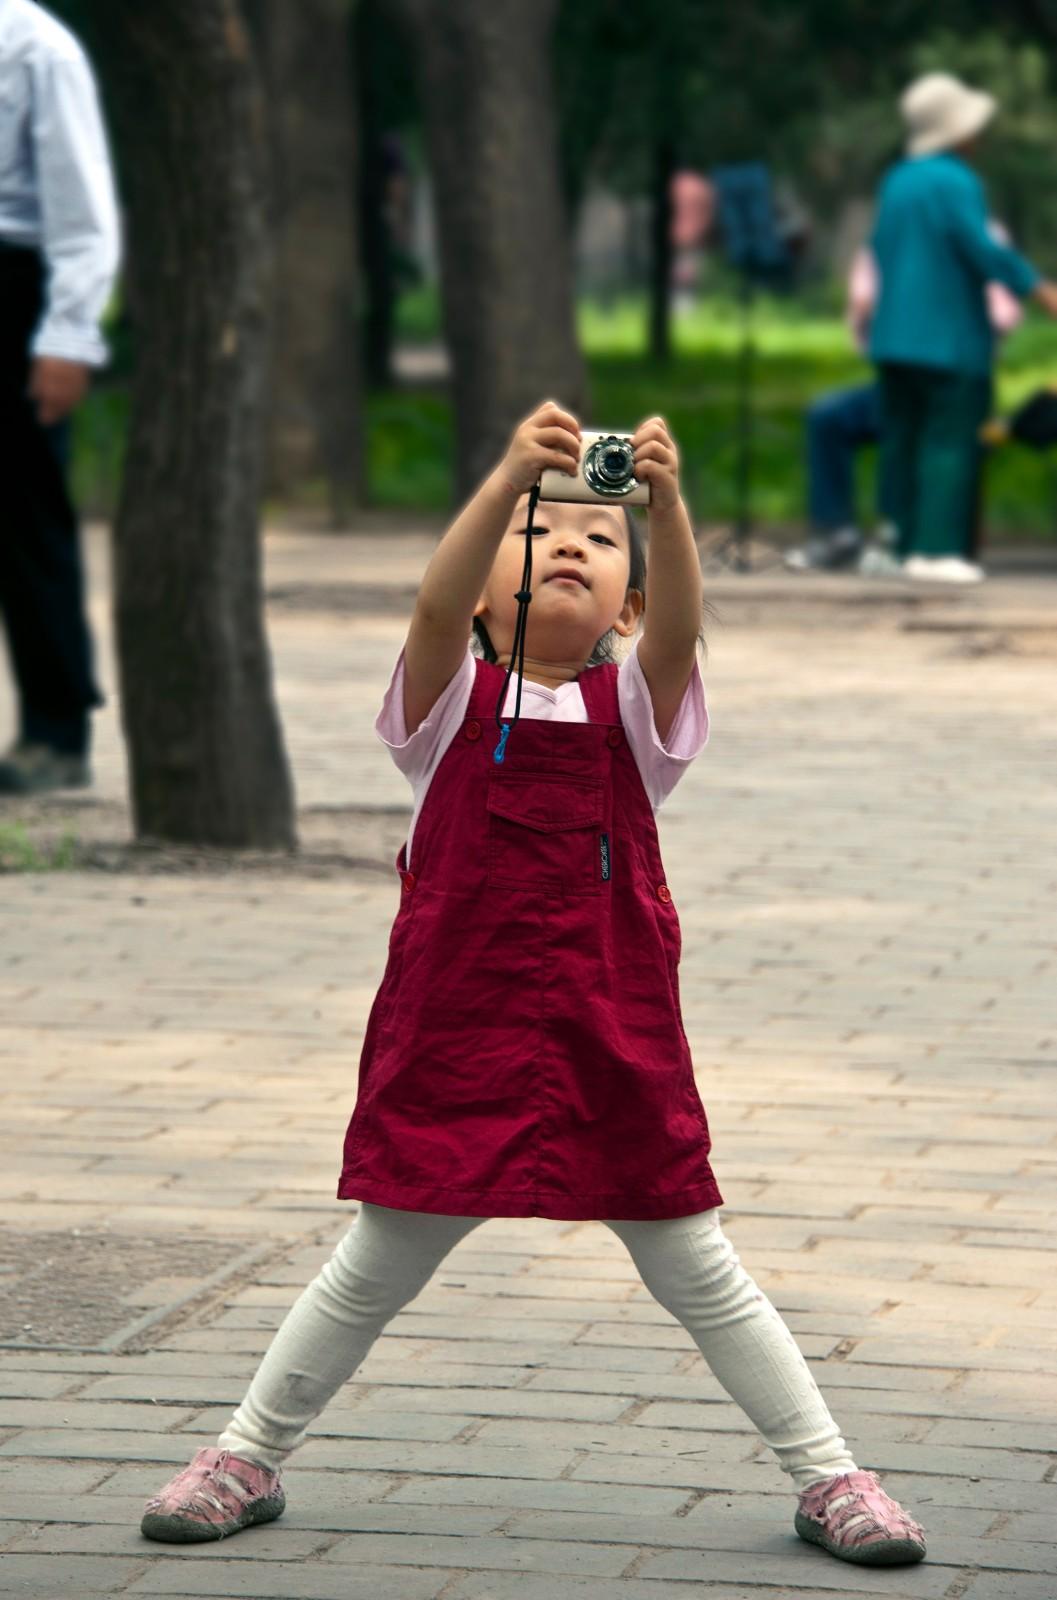 北京-摄影行者 《爷爷,看看谁照的好》 Nikon.jpg